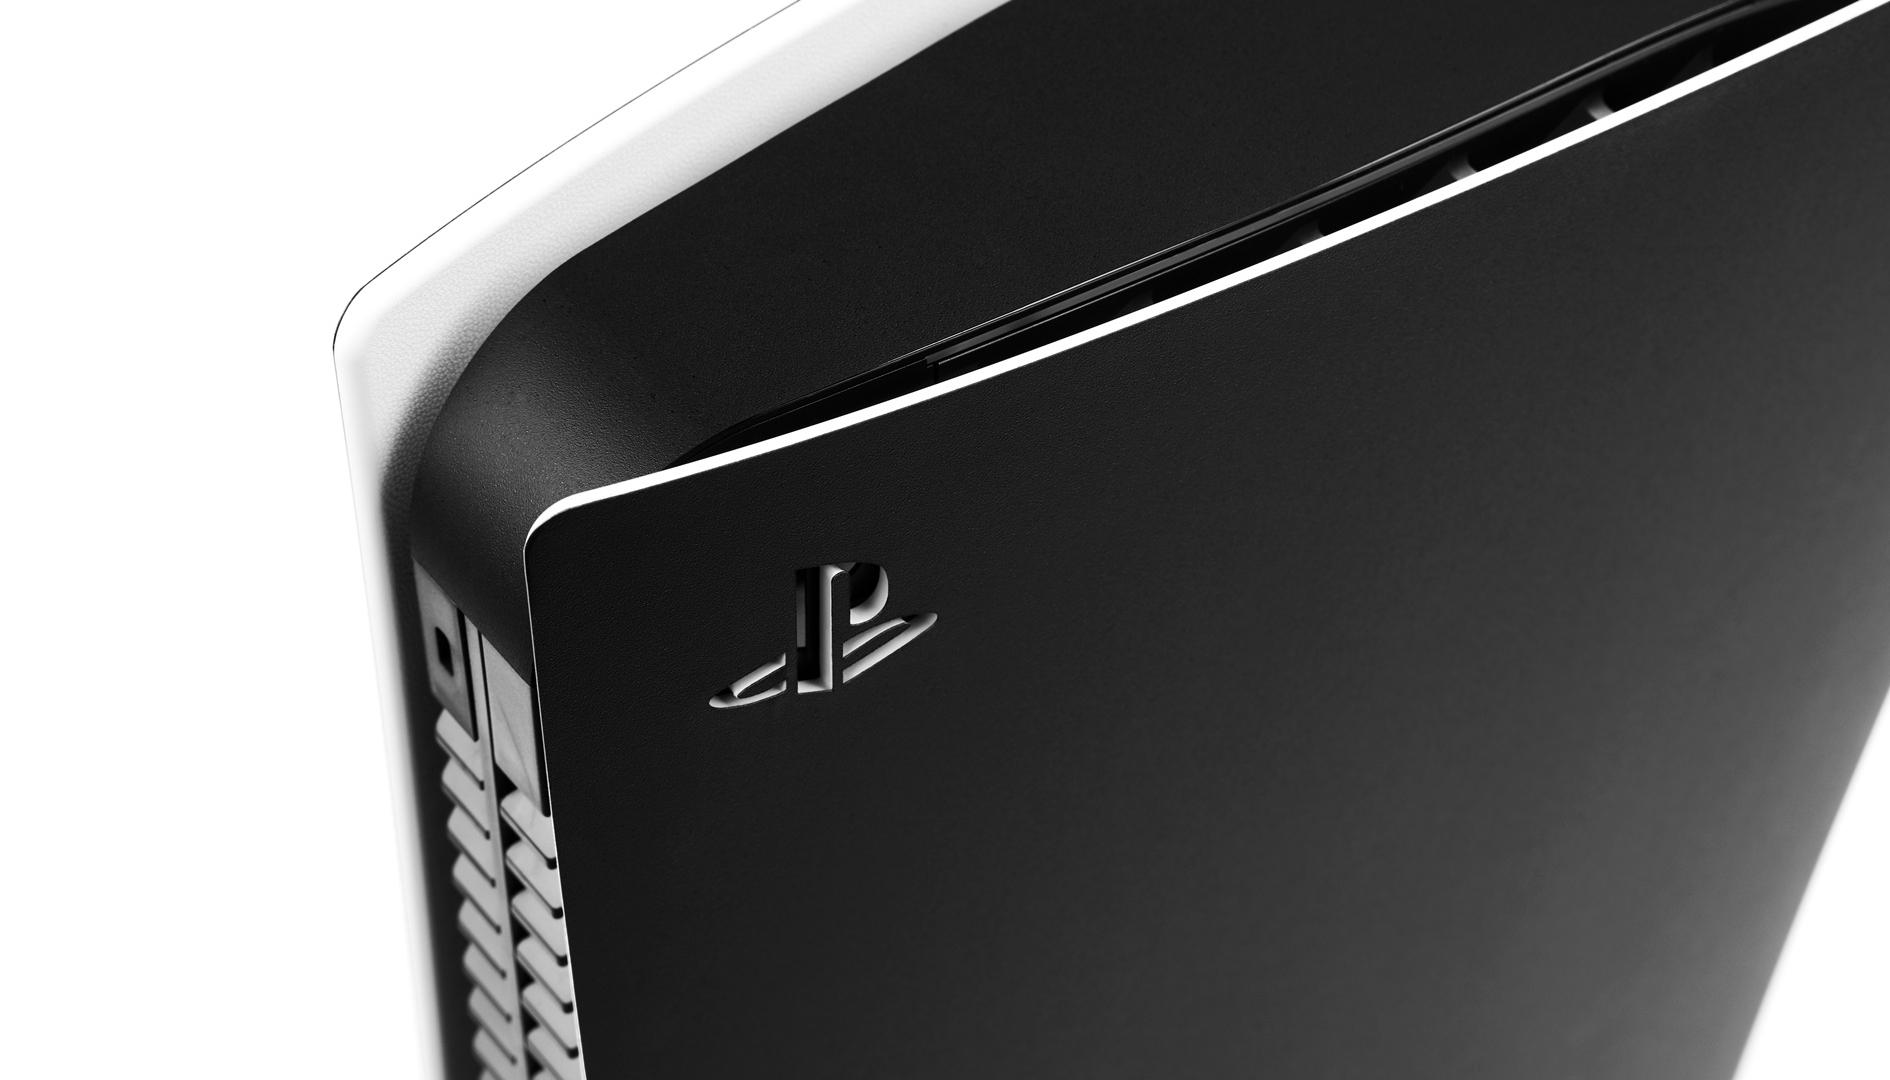 Dbrand sfida Sony e mette in vendita cover nere per PlayStation 5